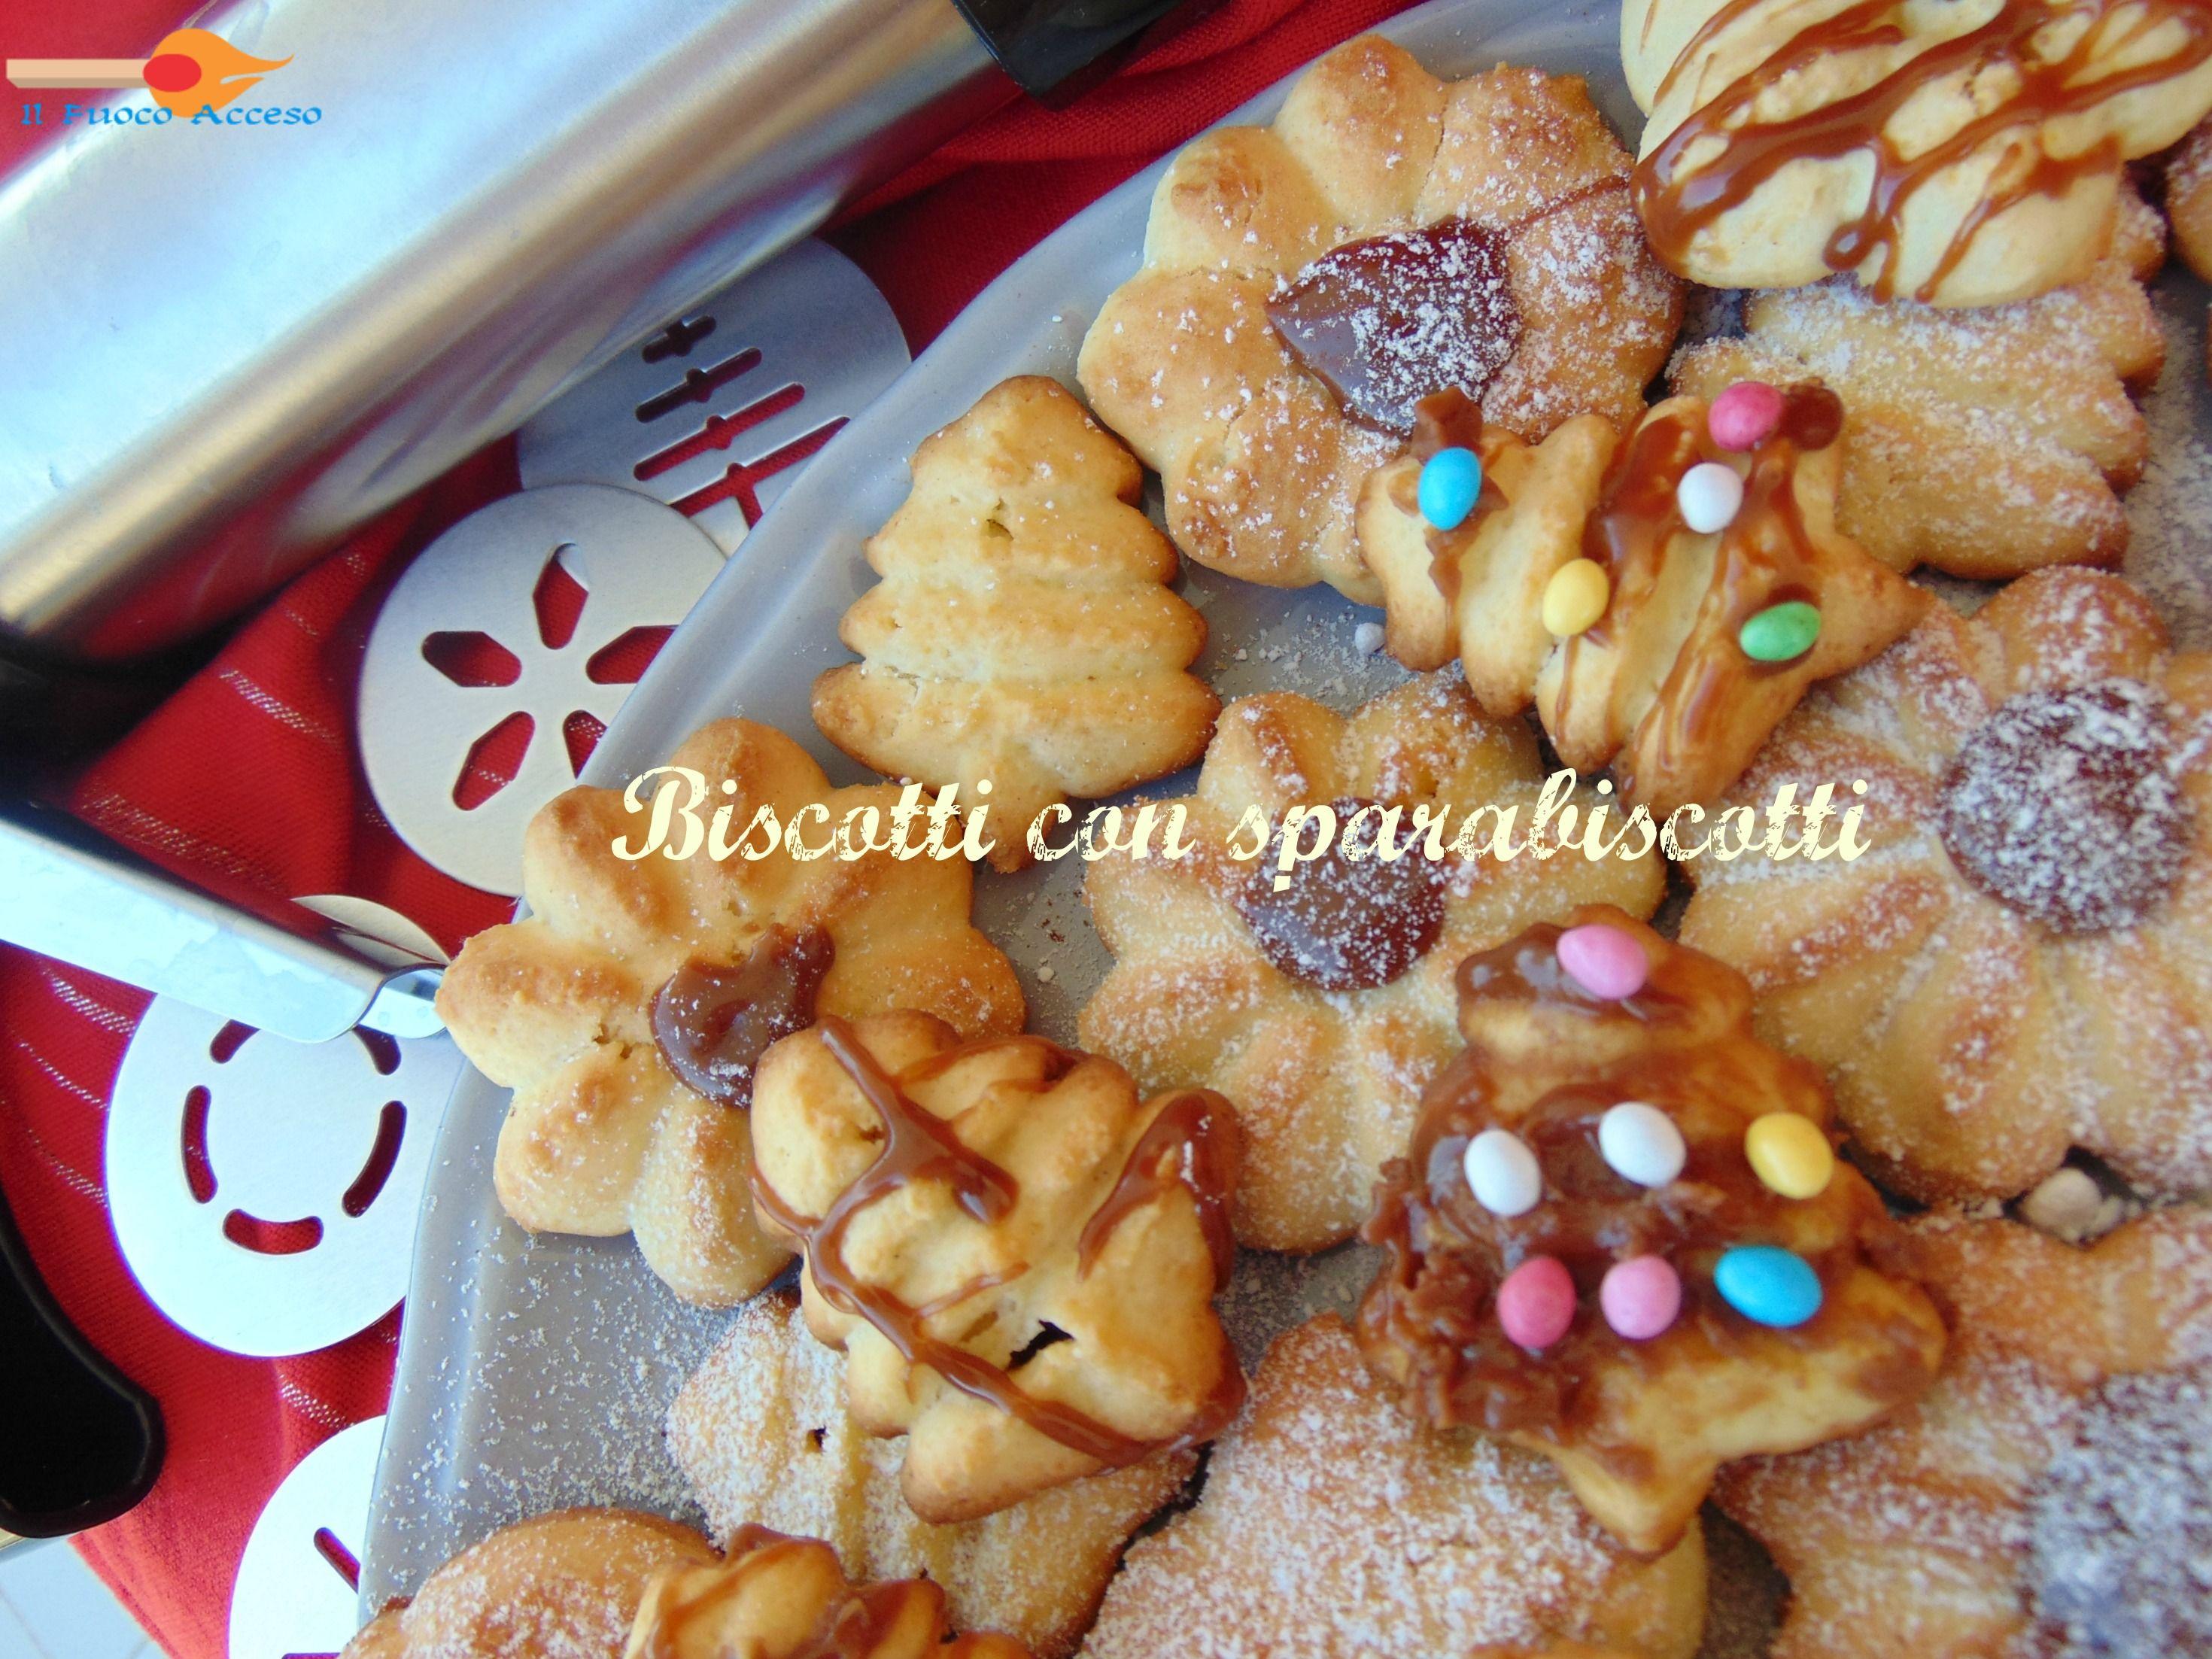 Vengono molto bene i biscotti con sparabiscotti, e si preparano in un attimo!